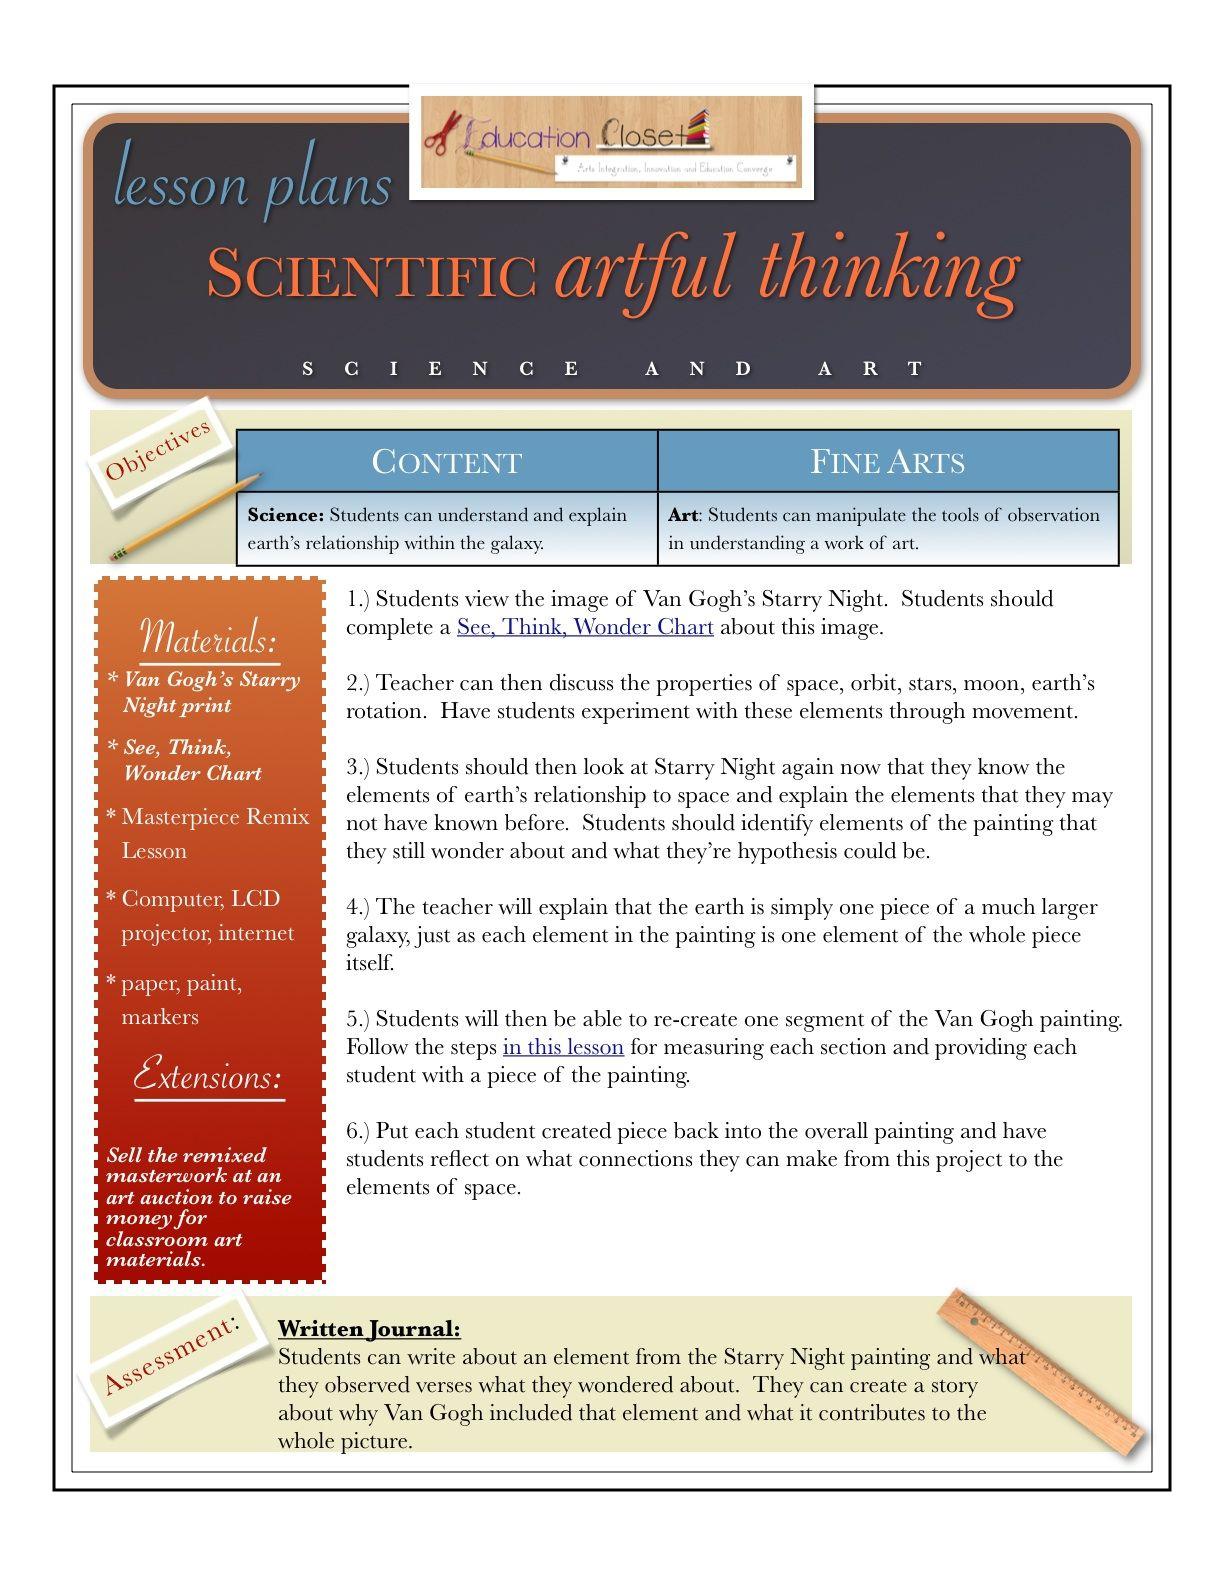 Artful Thinking Scientific Method Lesson